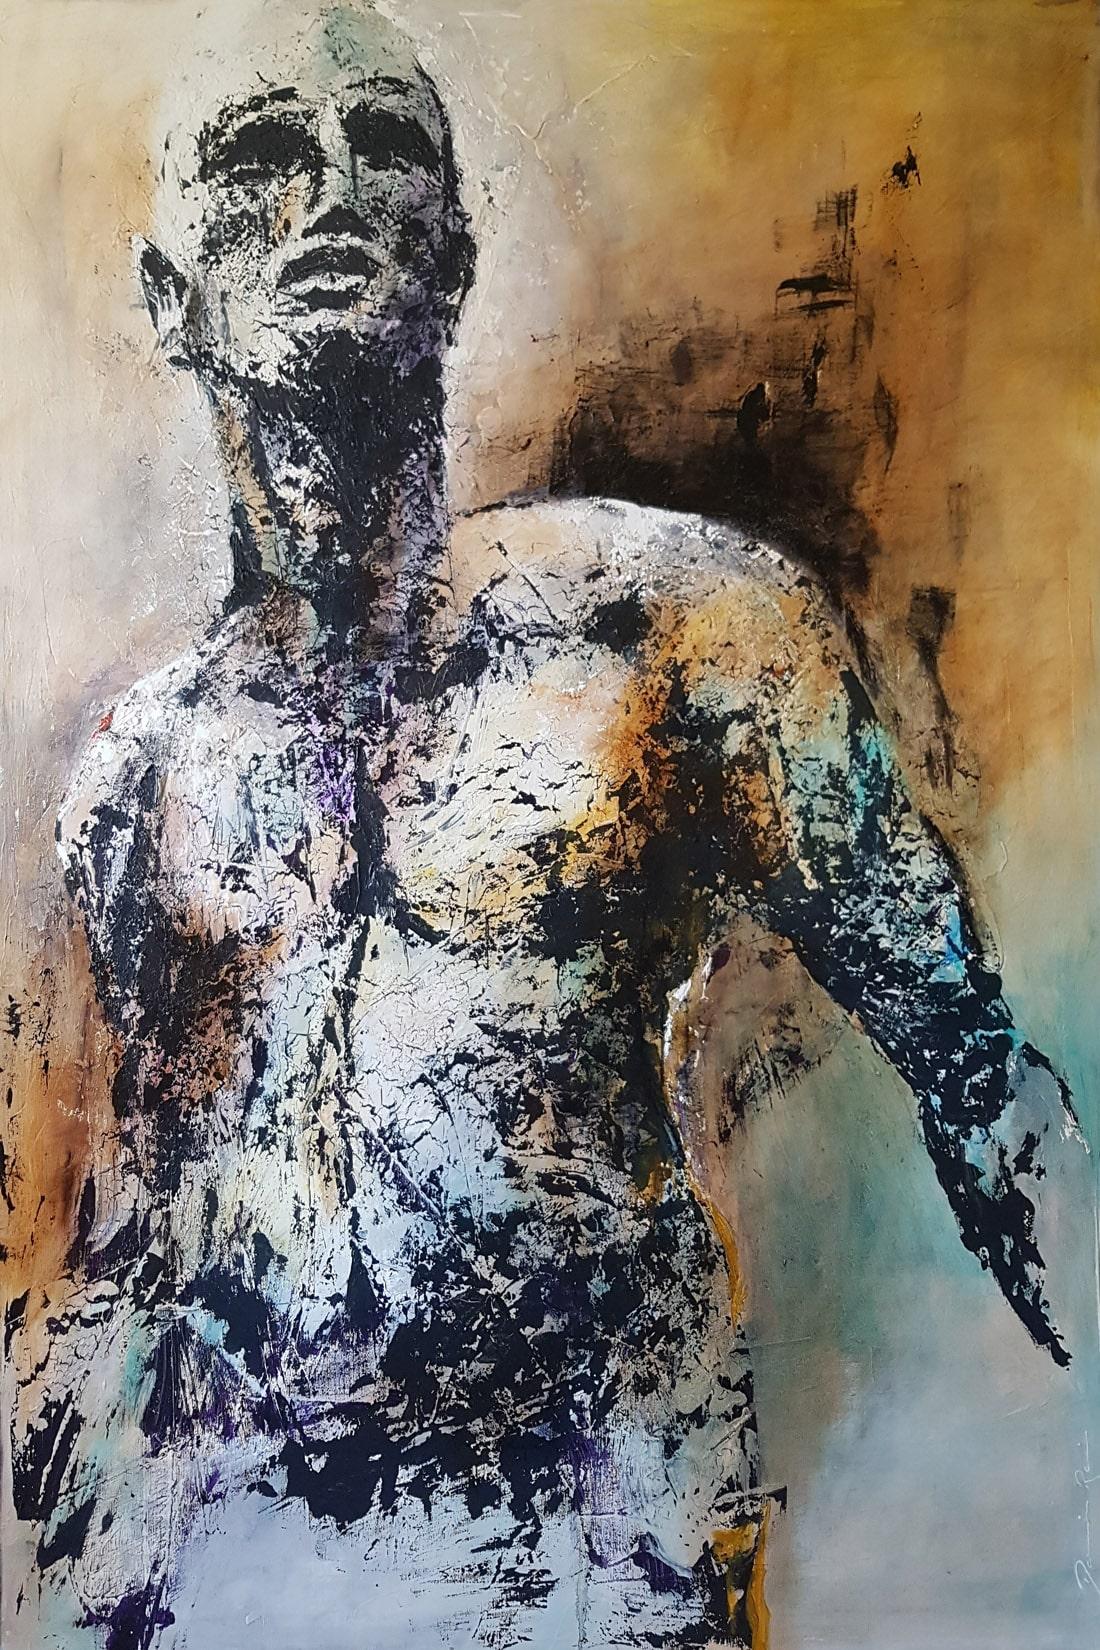 damien-rais-peinture-acrylique-huile-auloin-artiste-peintre